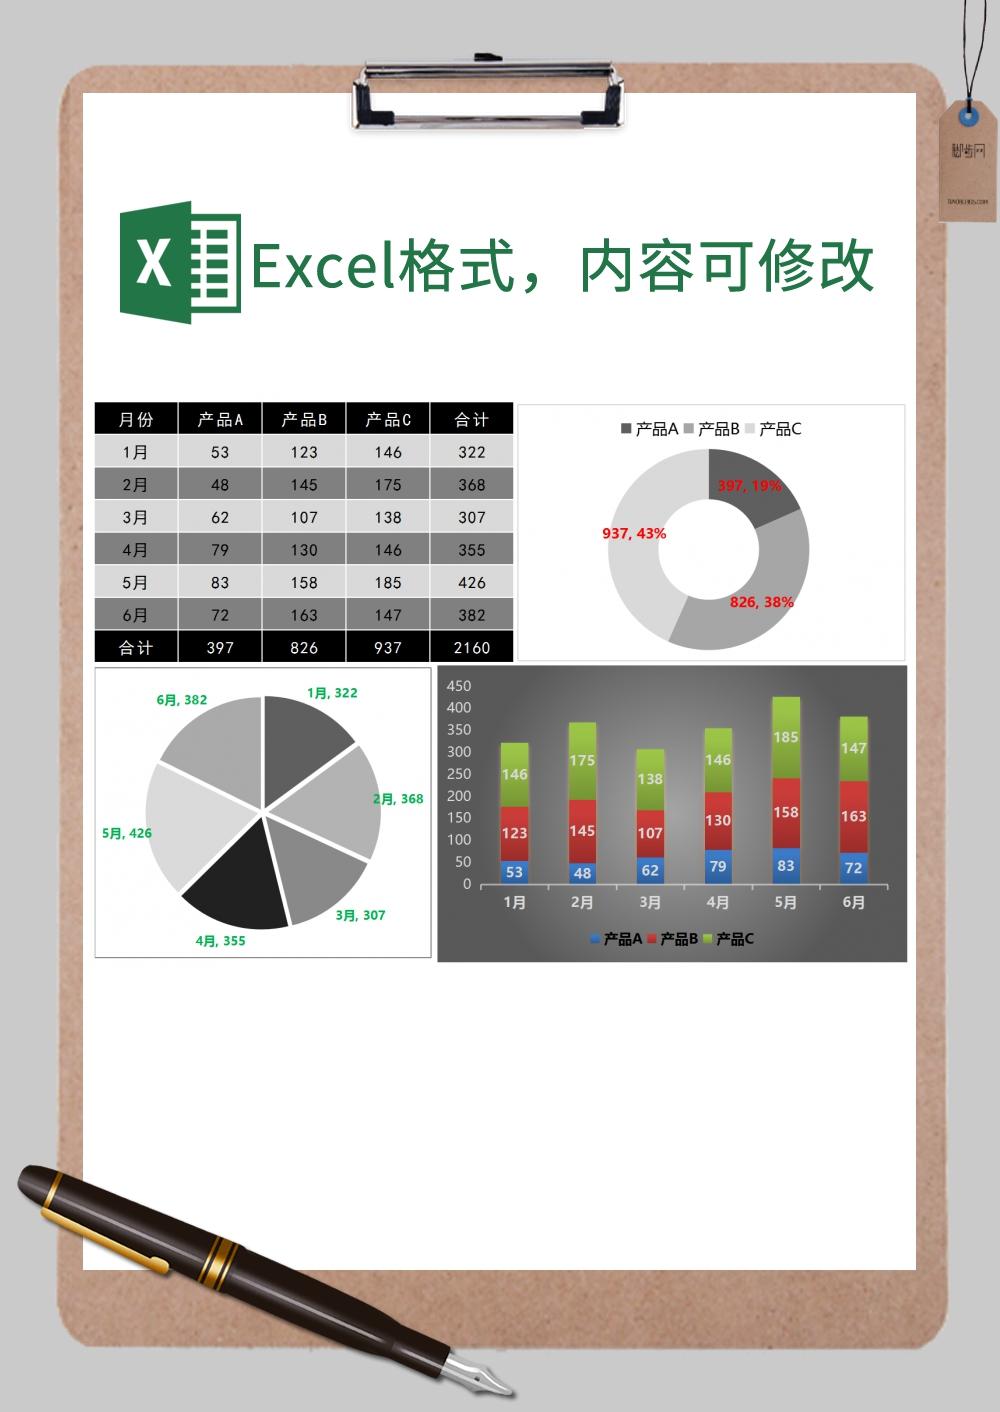 半年不同产品数据对比图表Excel模板